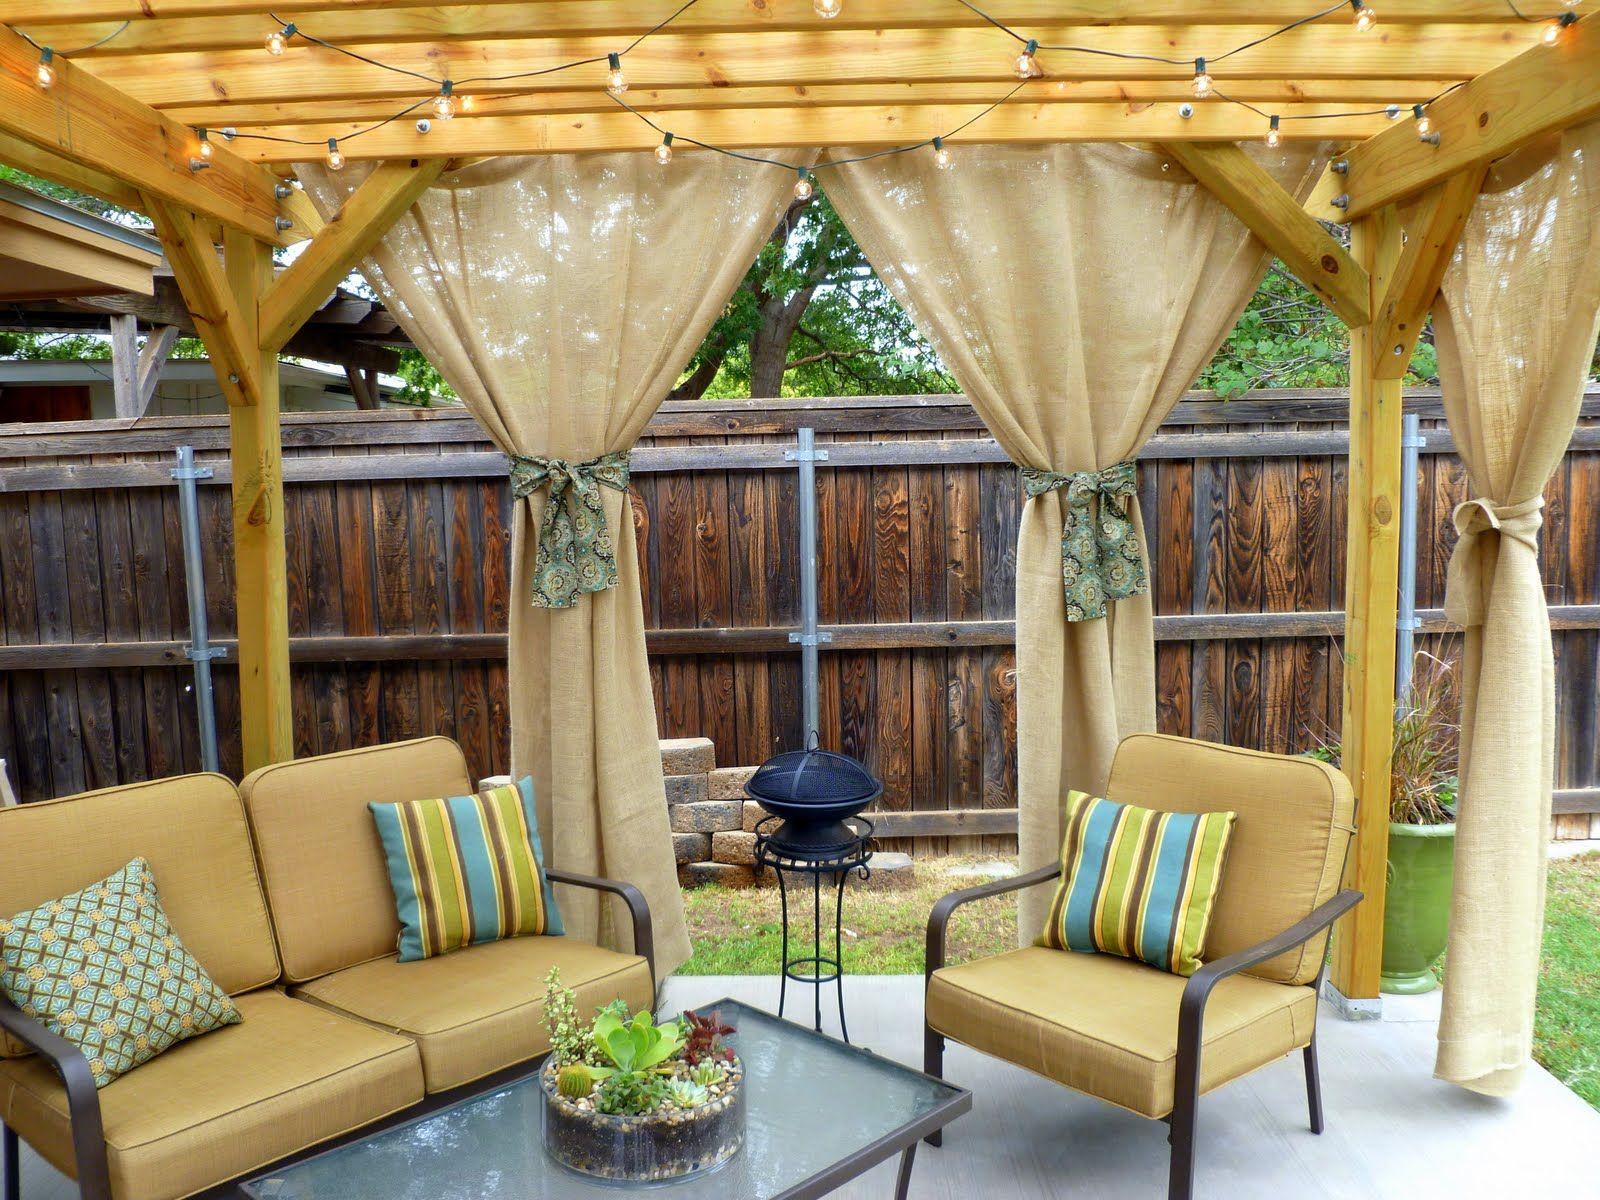 Pergola With Curtains At Duckduckgo Outdoor Curtains Diy Pergola Pergola